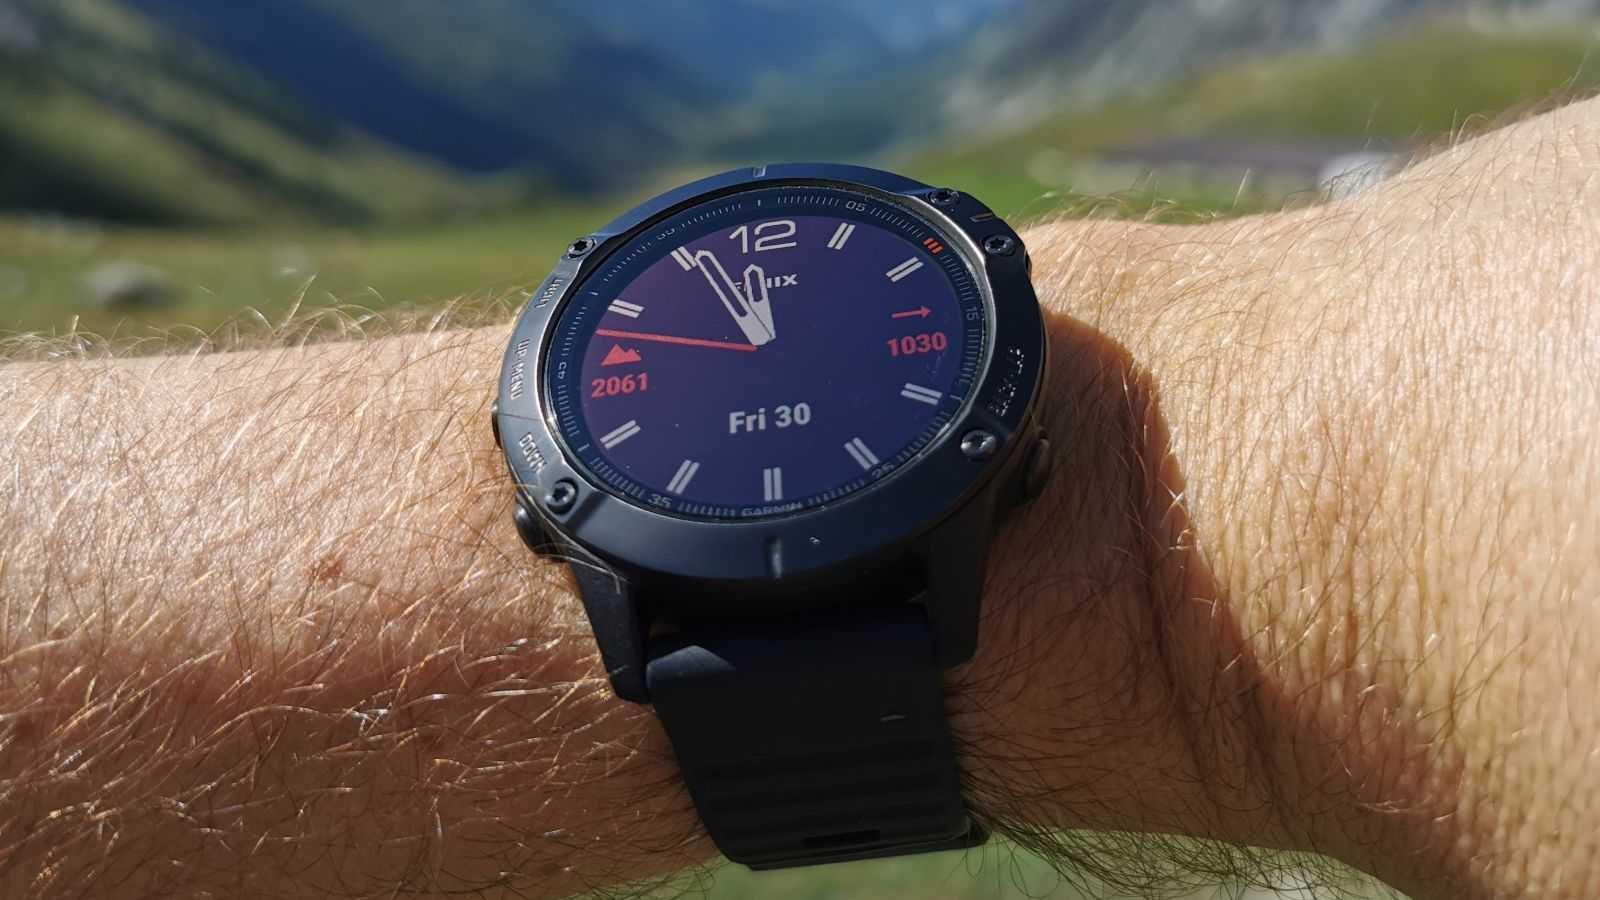 Долгожданная премьера от Garmin состоялась Компания наконец-то представила новую линейку спортивных часов Речь идет о серии Fenix 6 представители которой имеют